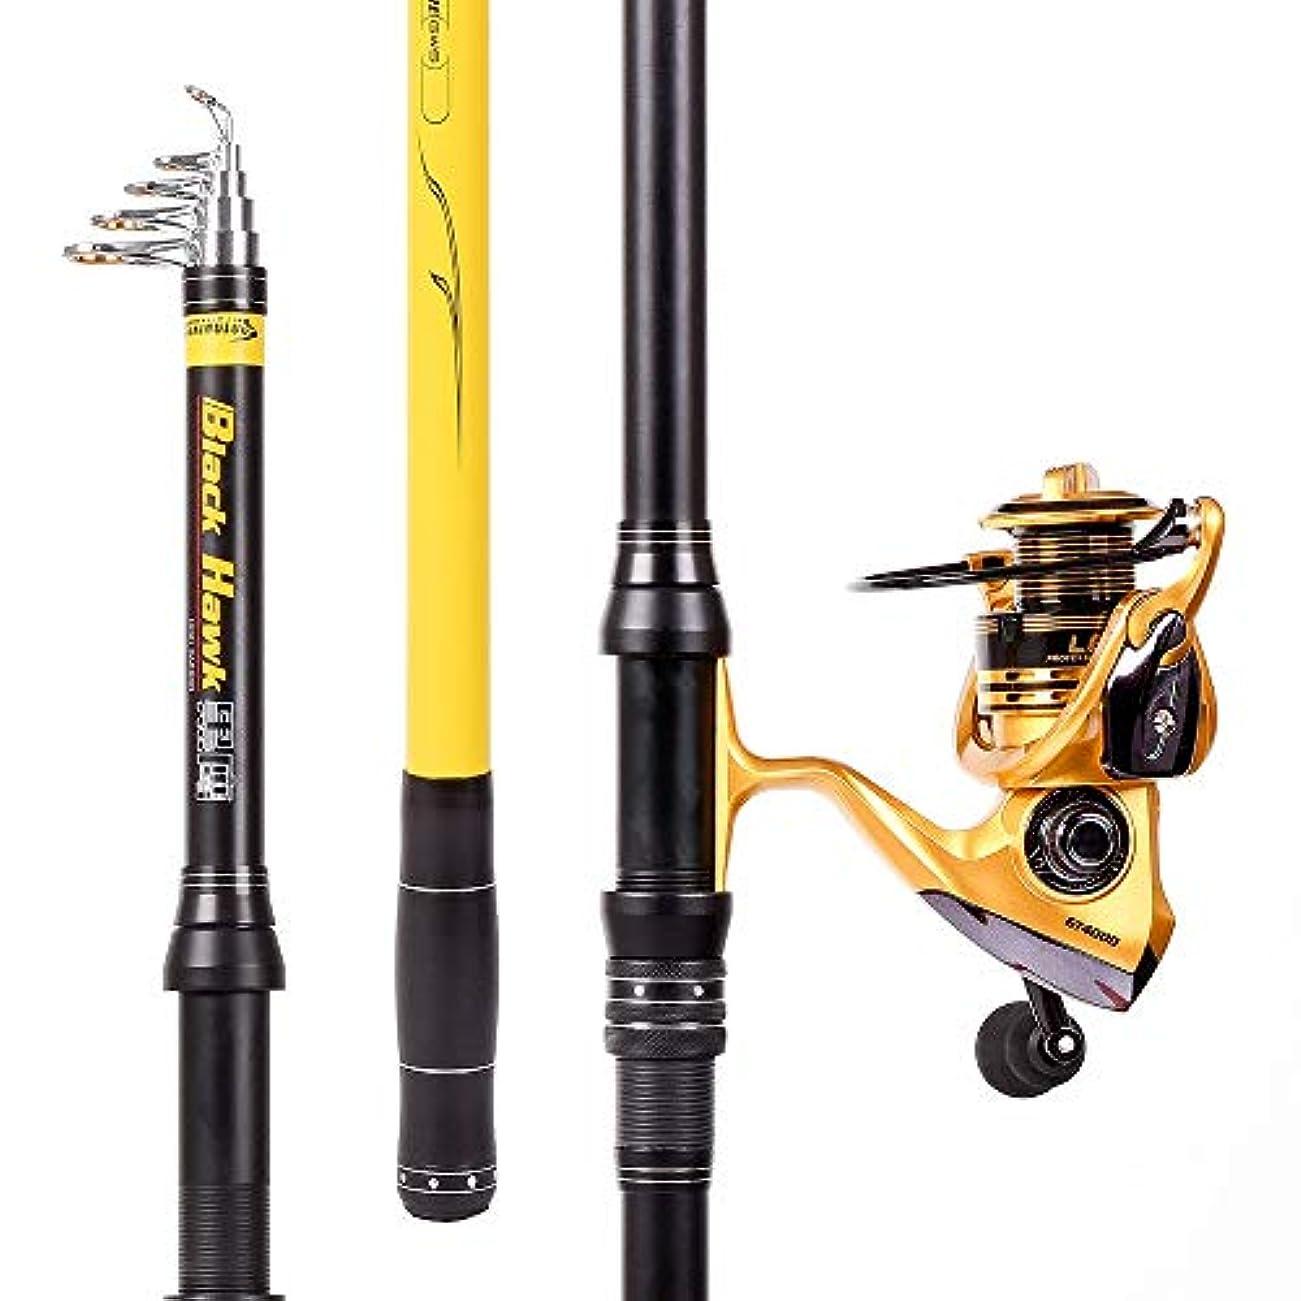 針電圧中古釣り竿 炭素繊維海釣りロッド肥厚ロッド壁ロングスローロッド投げ釣りロッド卸売釣り機器 (Size : 2.1m)